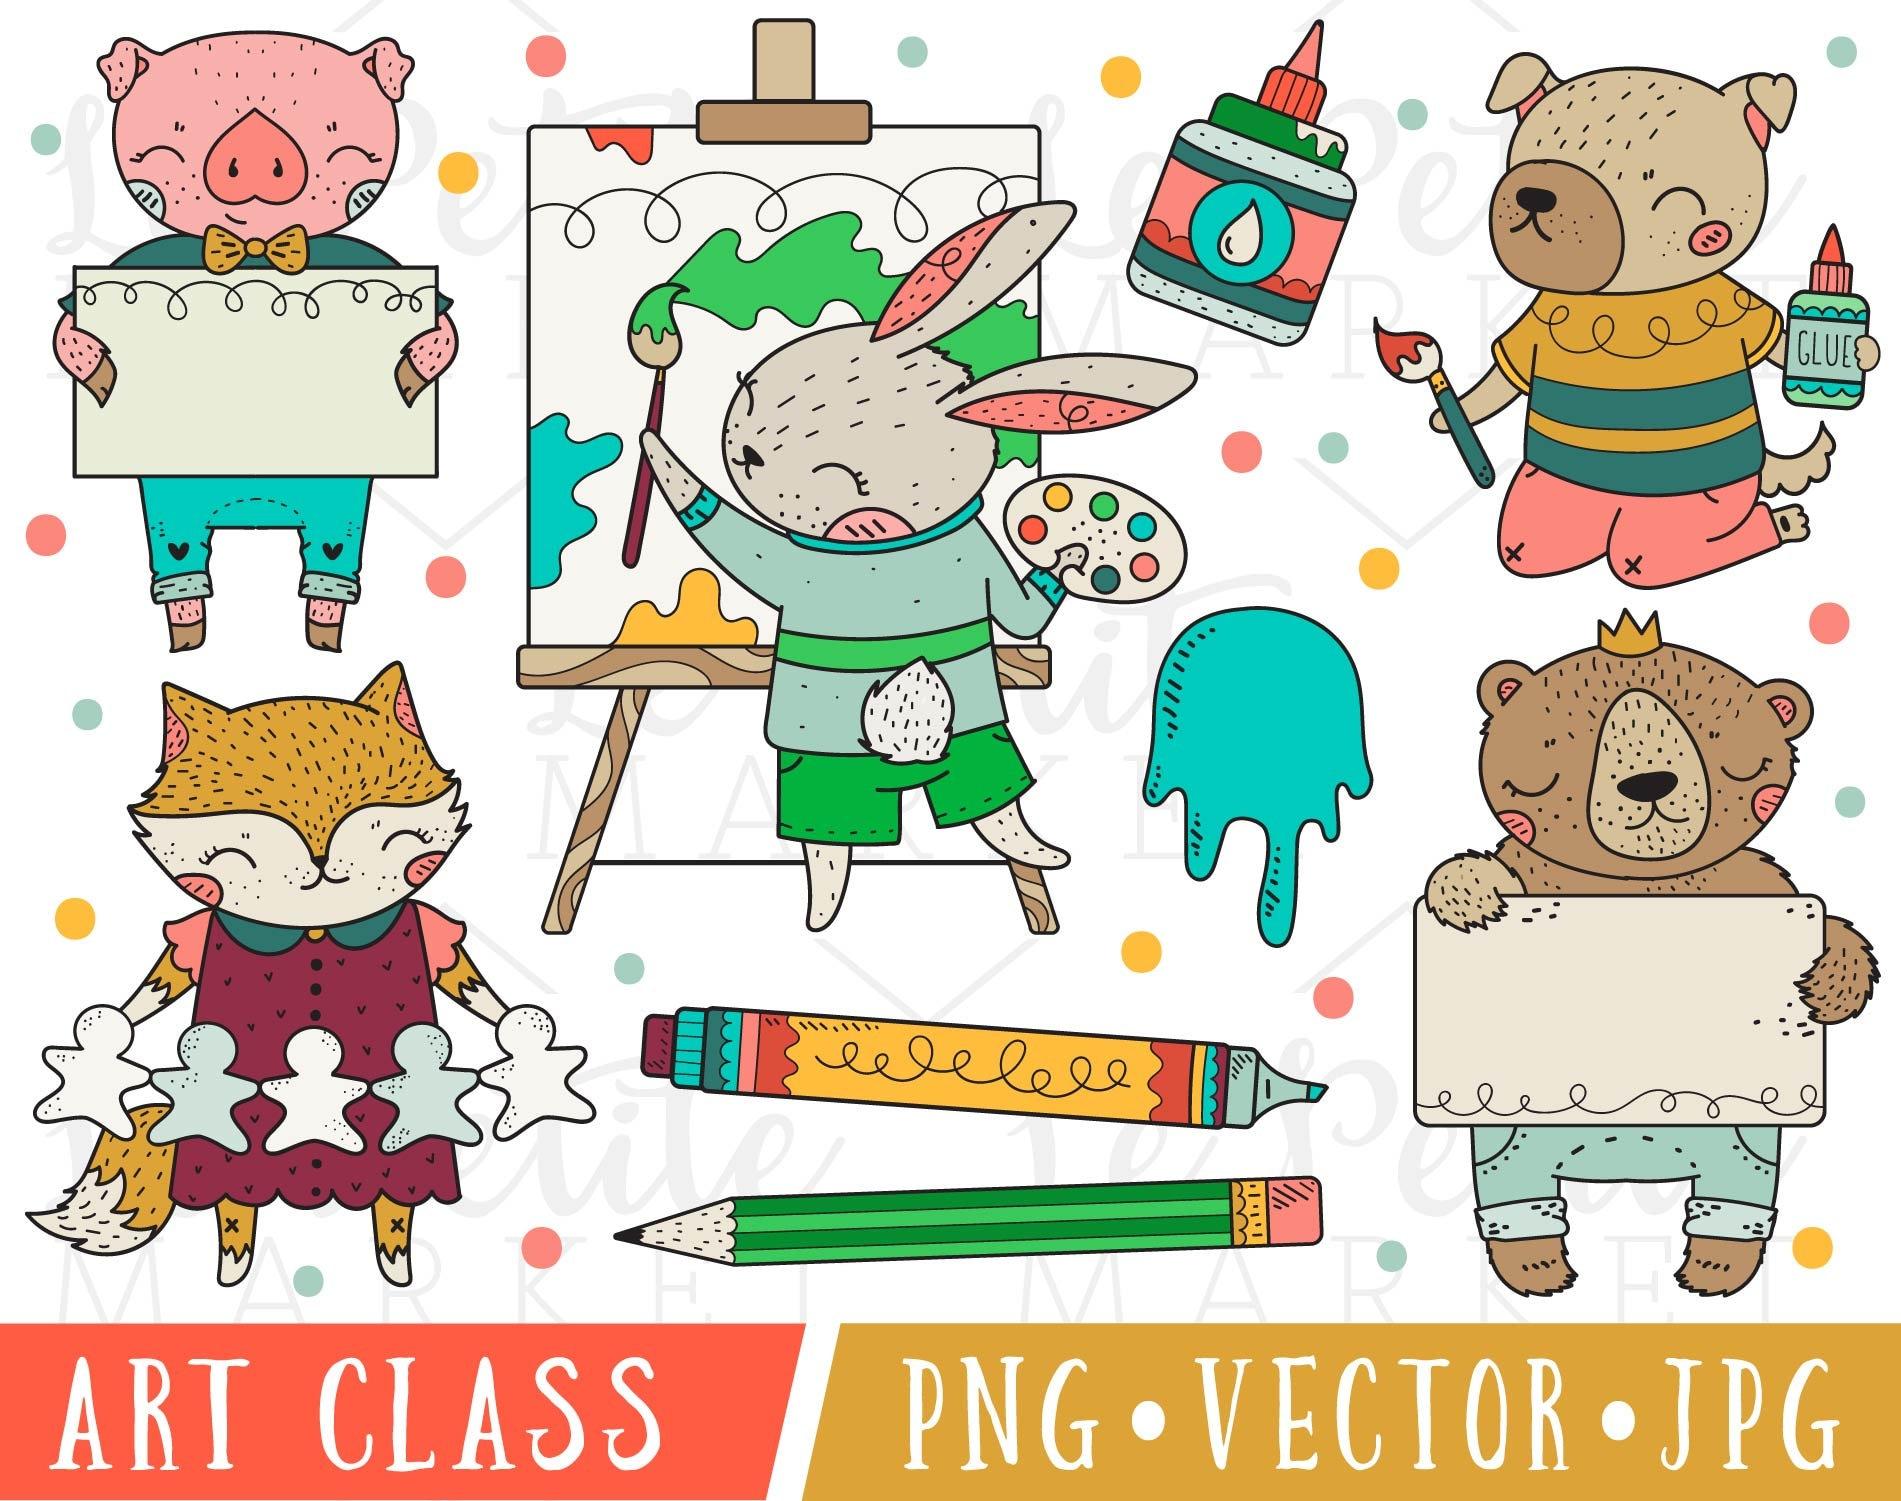 art class animals clipart images cute art class clipart art | etsy